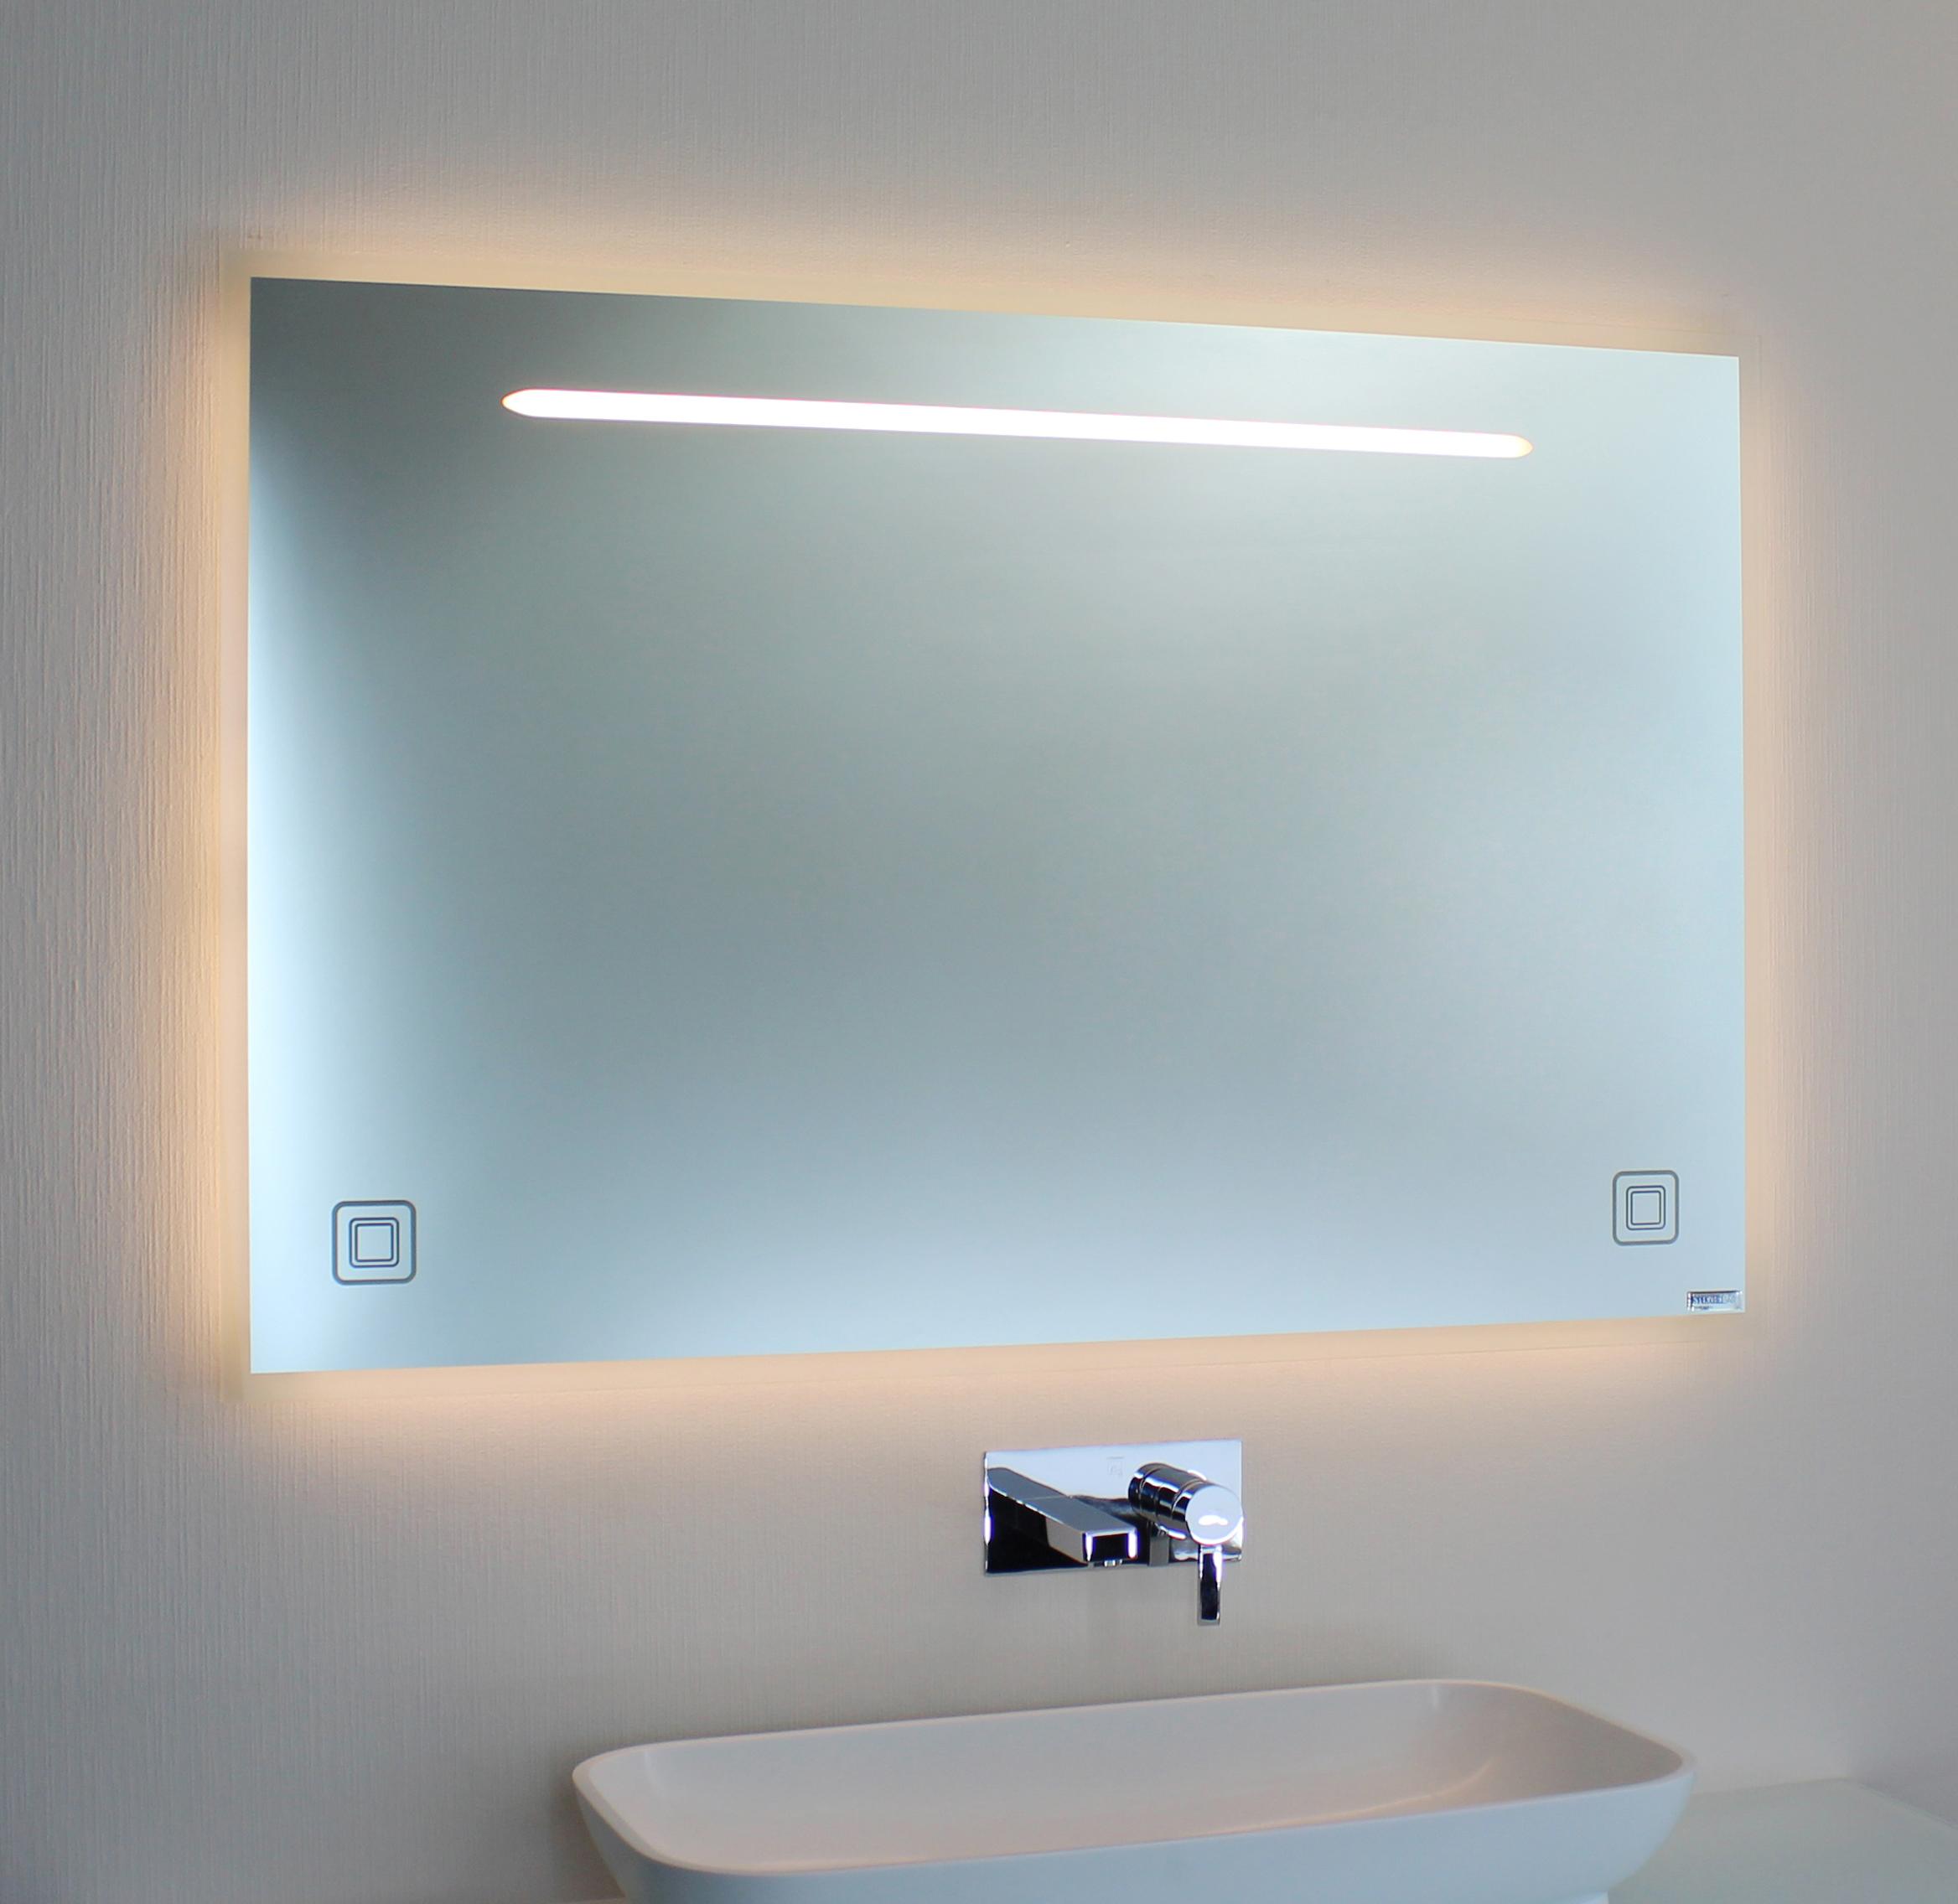 badspiegel led mit ambientebel 00 06 2 spiegel art. Black Bedroom Furniture Sets. Home Design Ideas